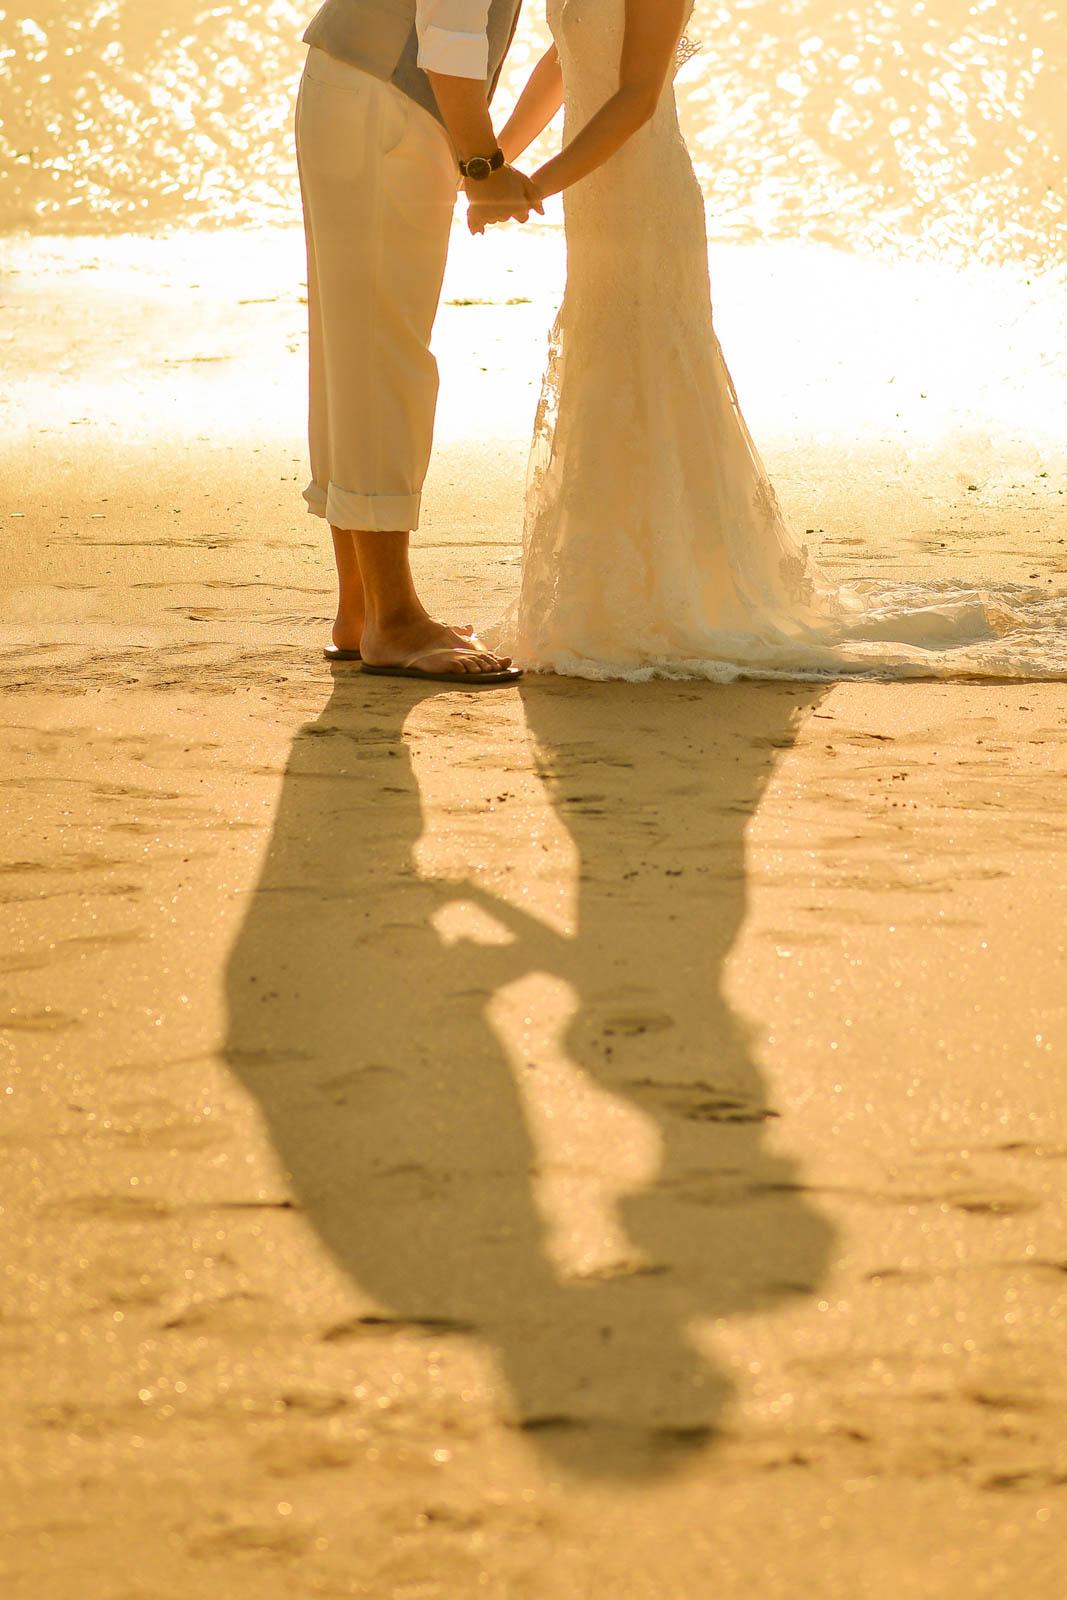 砂に写る二人のシルエット